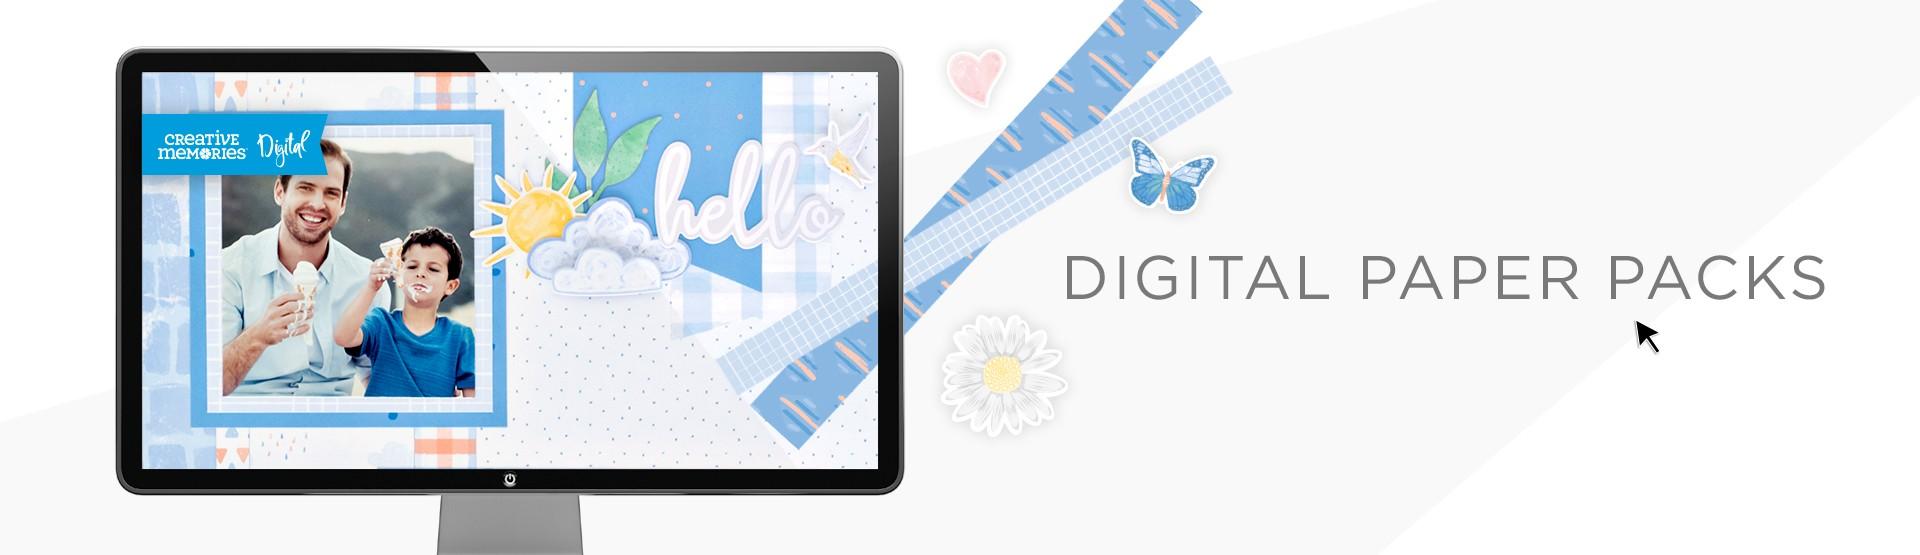 Digital Paper Packs